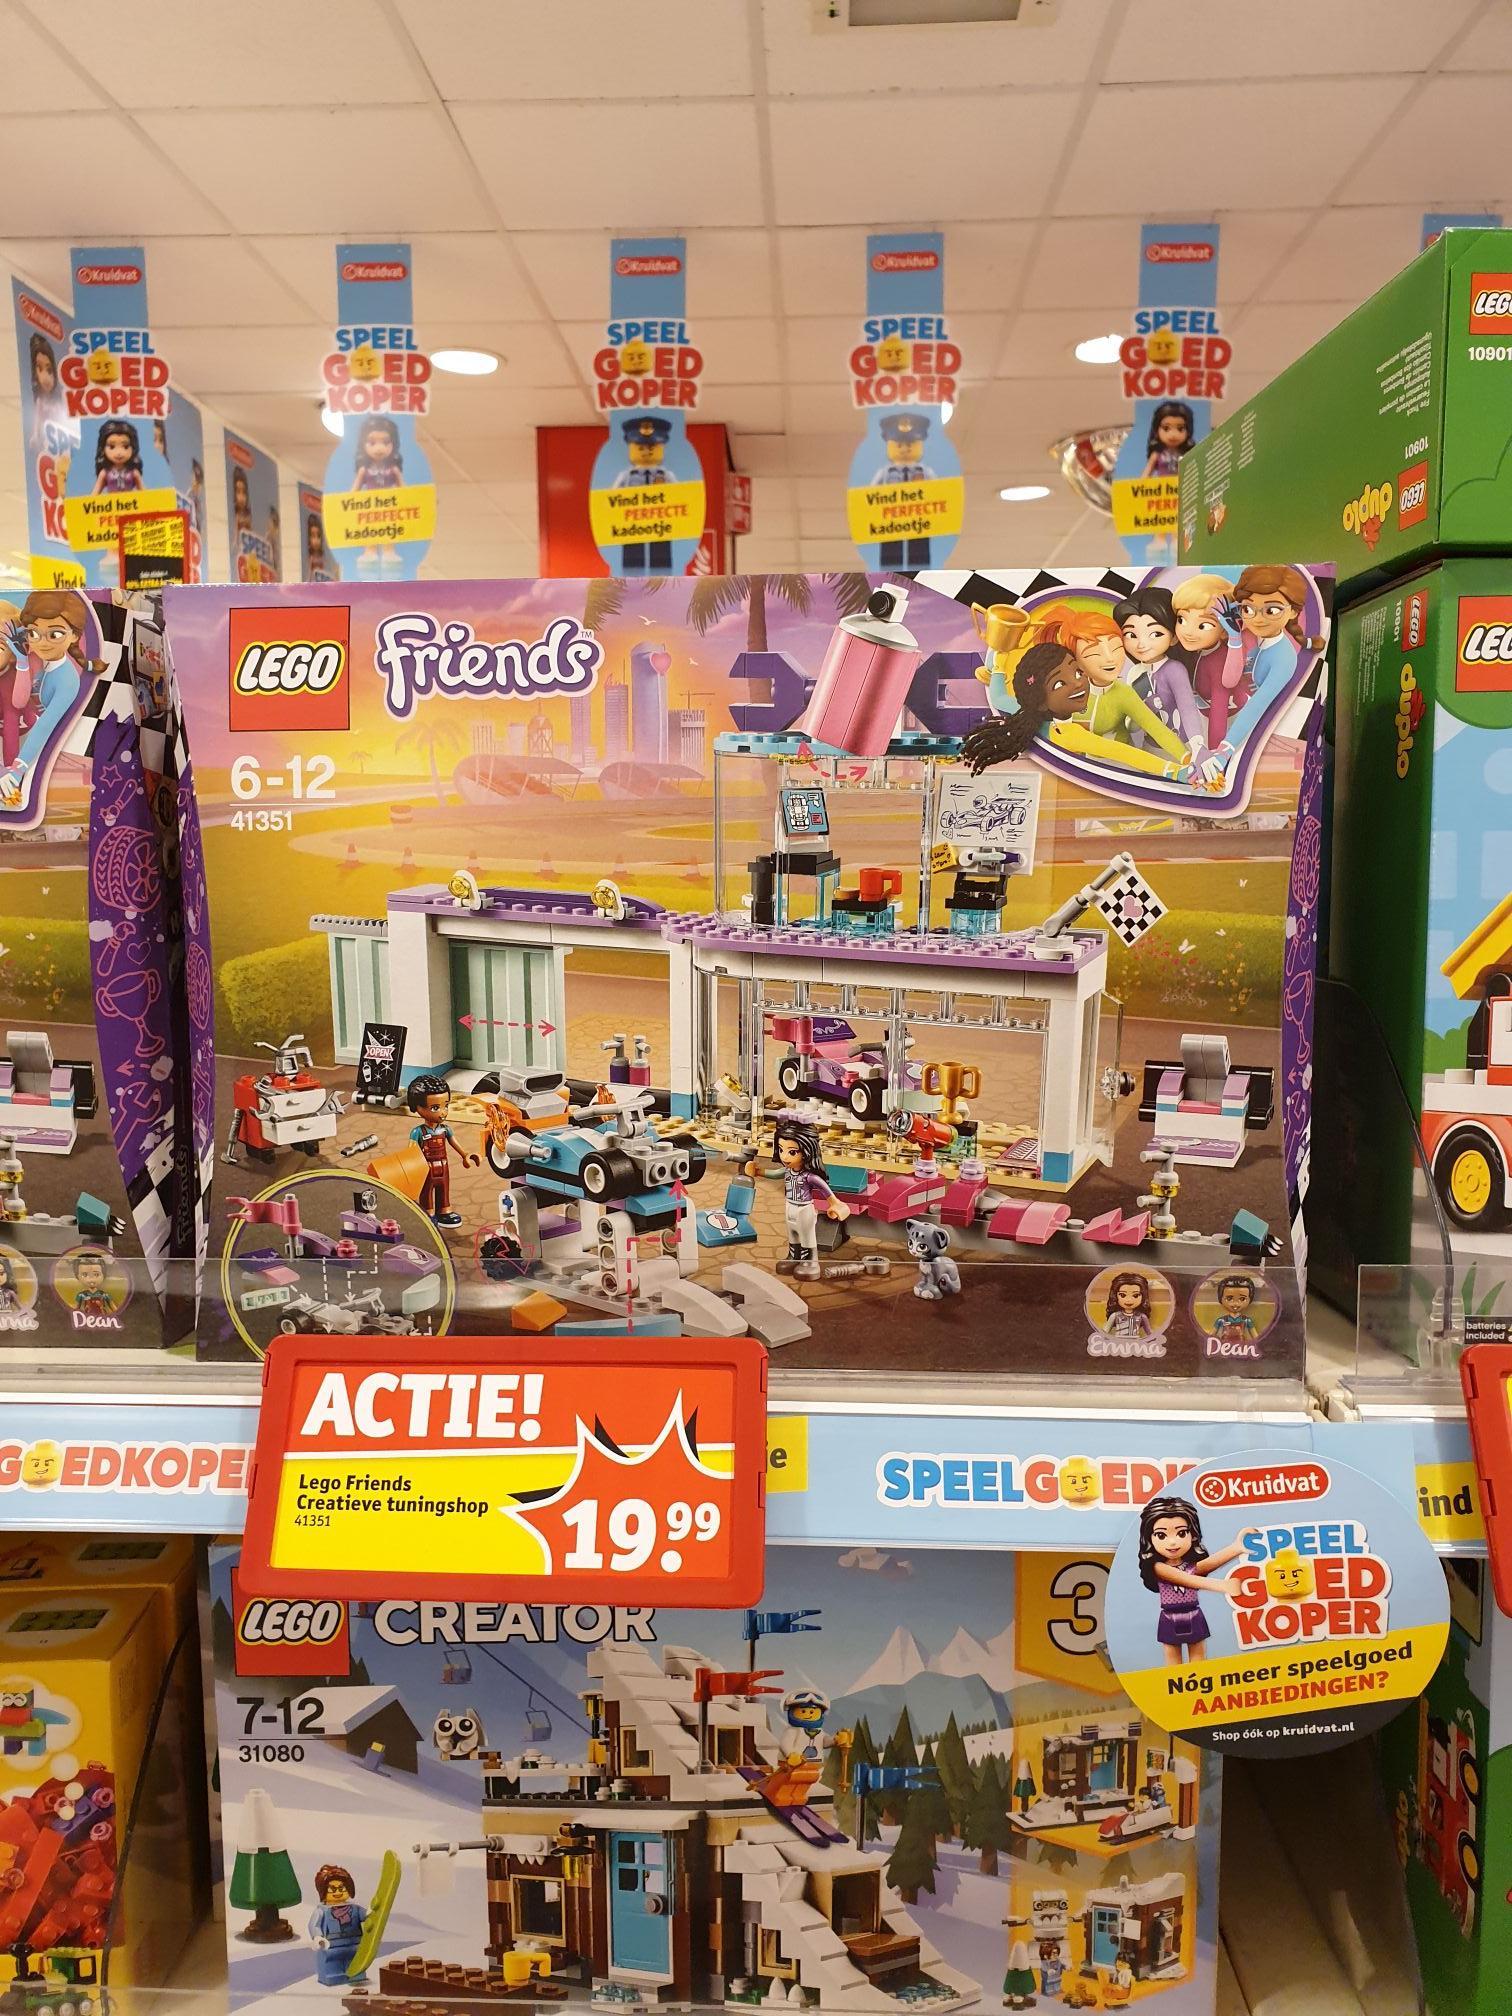 Kruidvat: LEGO Friends 41351 Creatieve Tuningshop LEGO FRIENDS 41351 CREATIEVE TUNINGSHOP